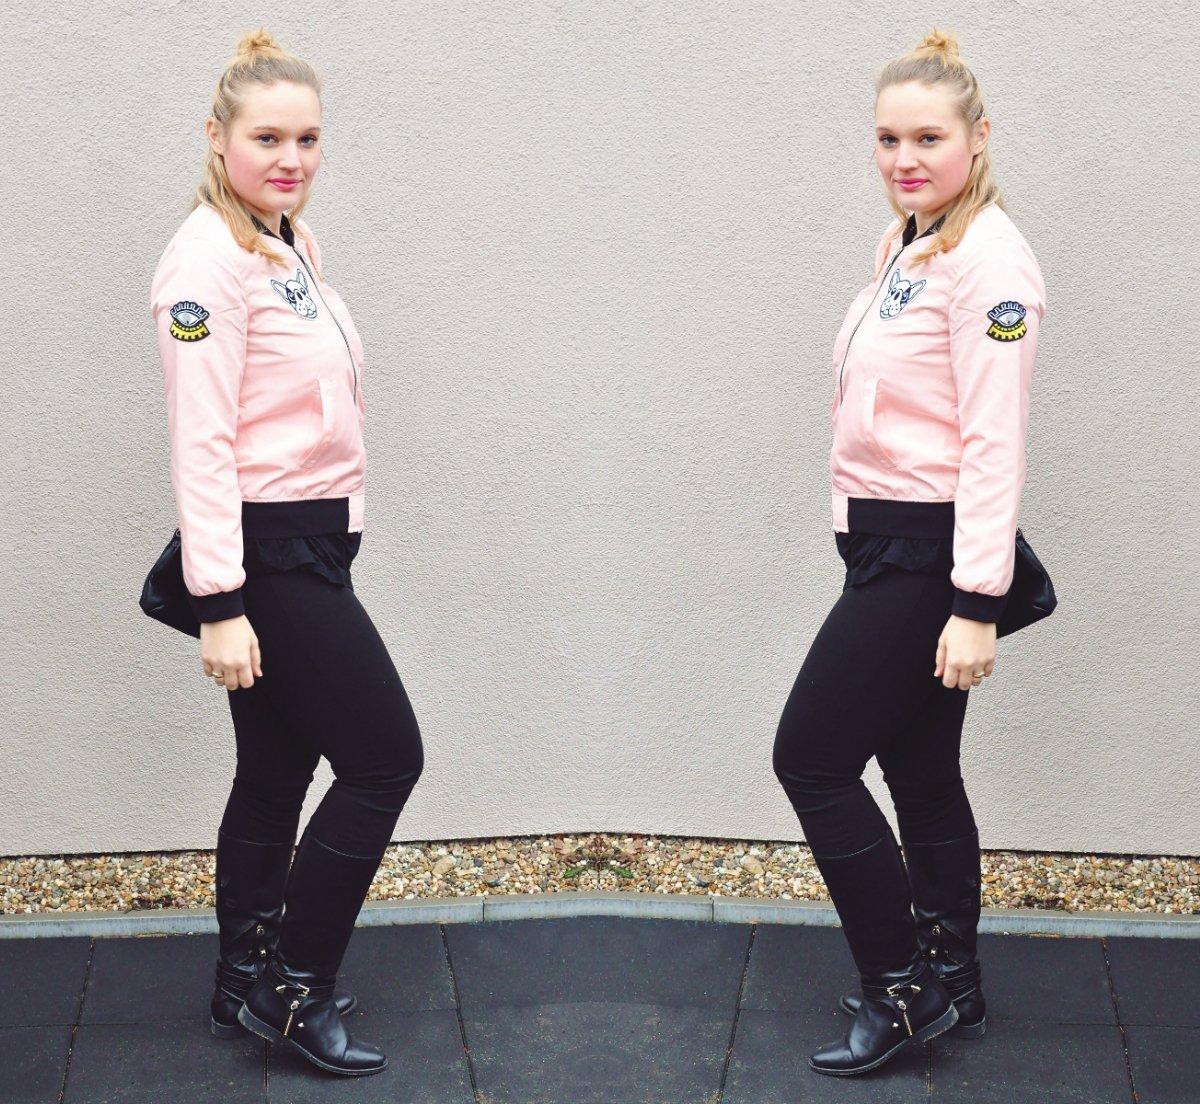 legginsy_stylizacja_kurtka